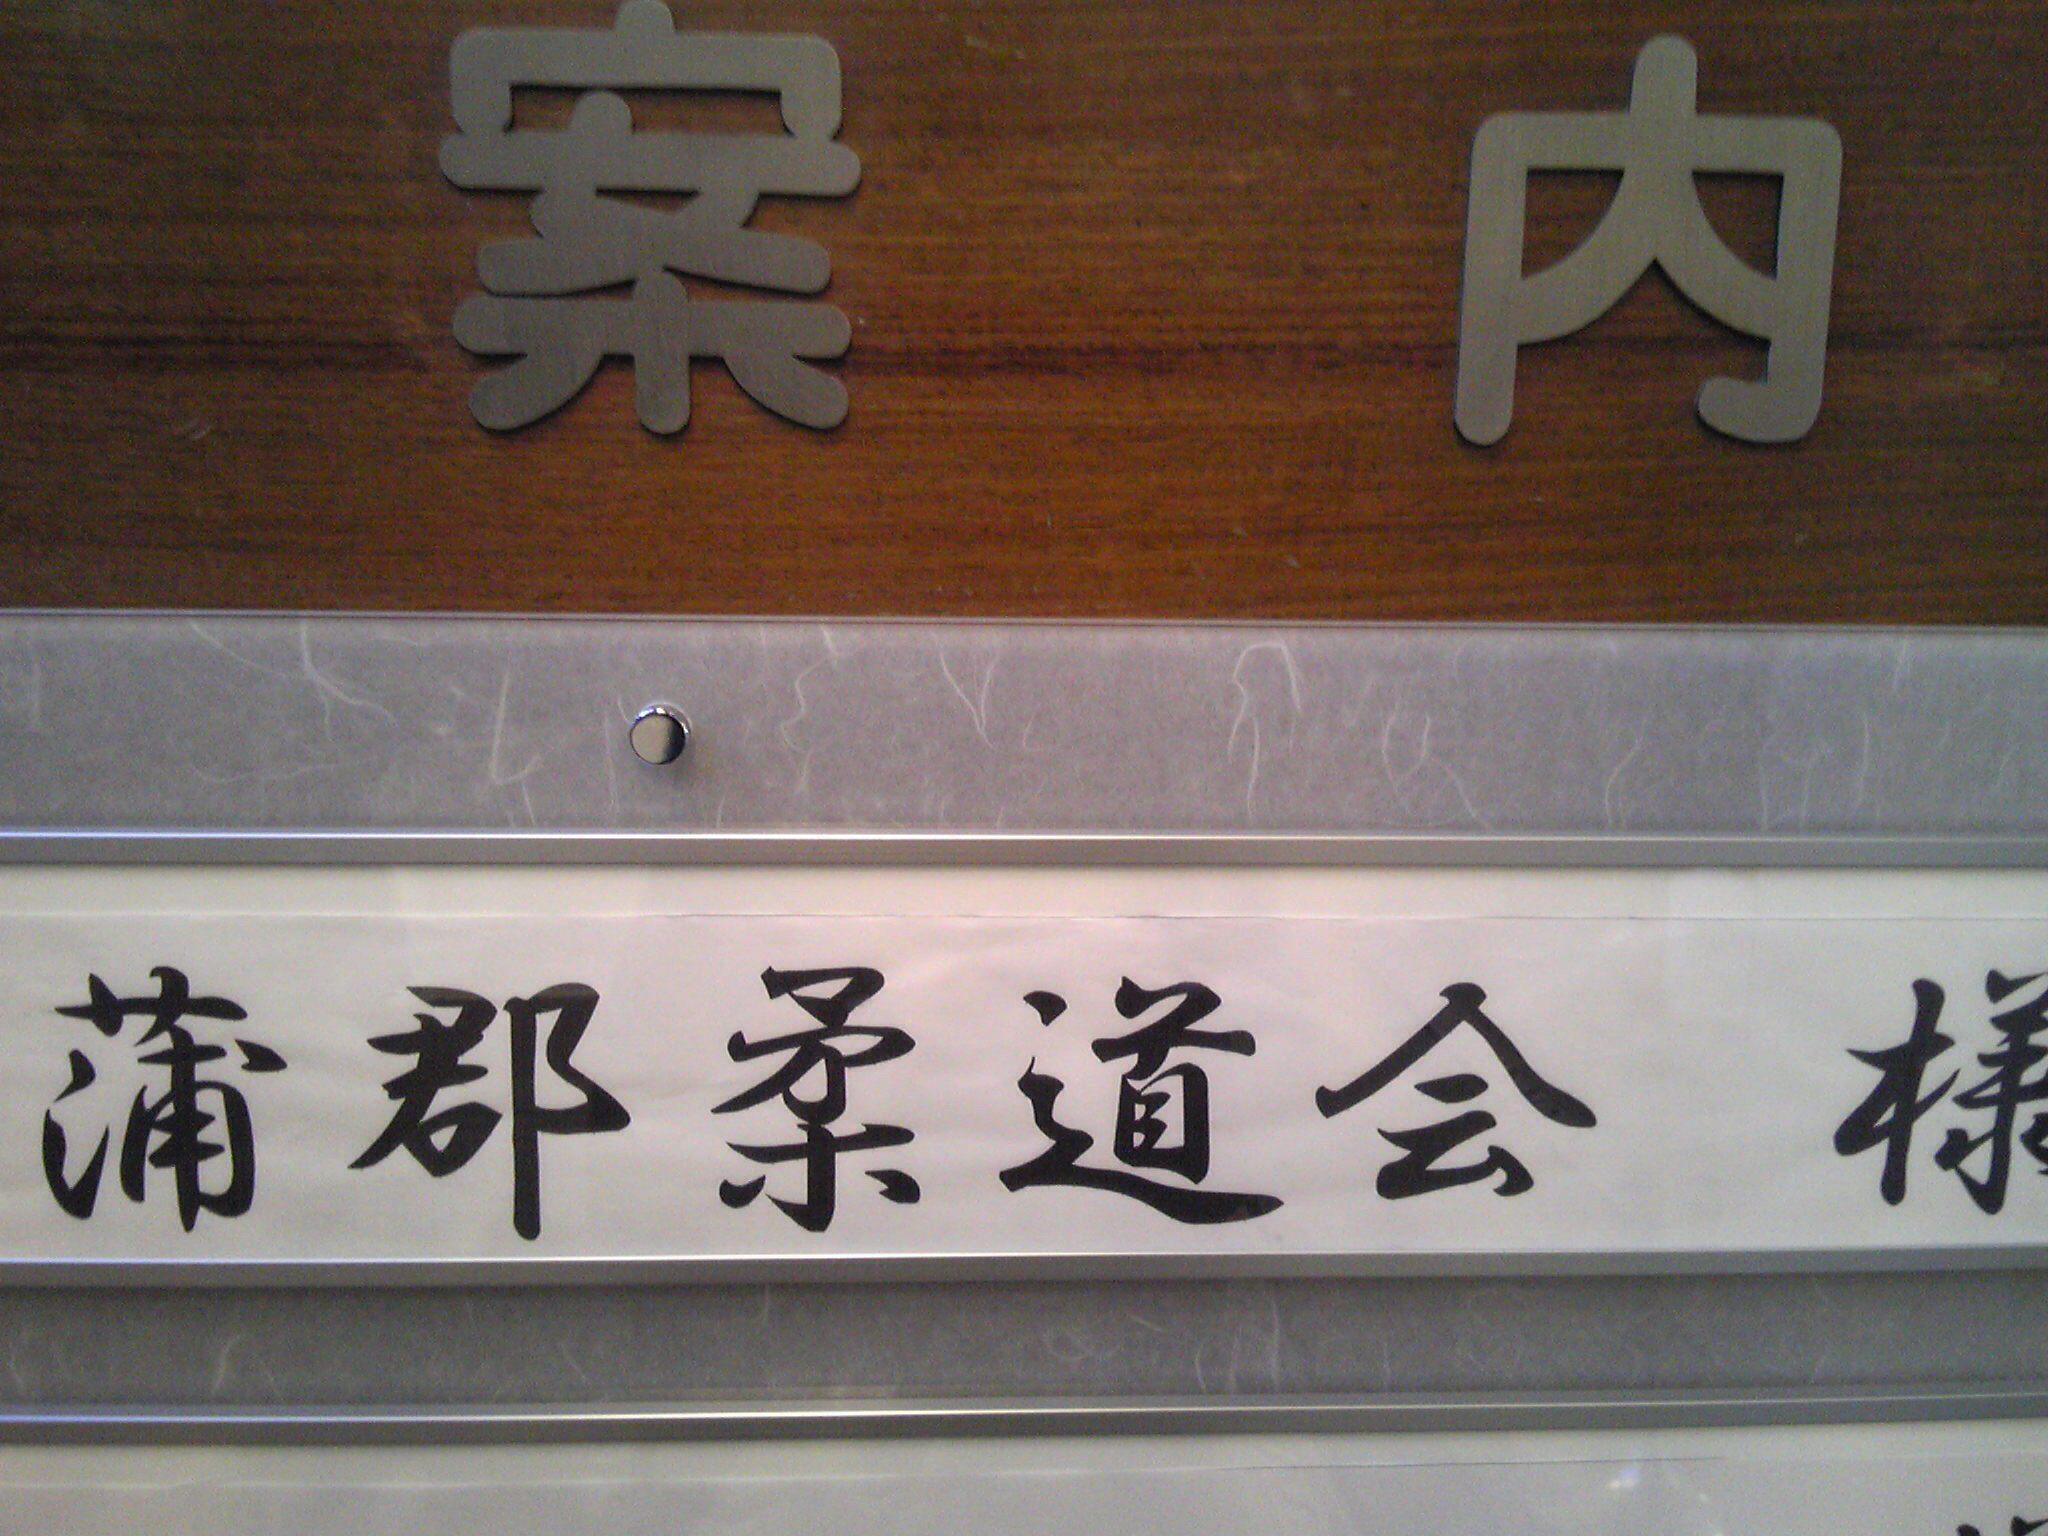 蒲郡市柔道協会_c0234975_1091991.jpg